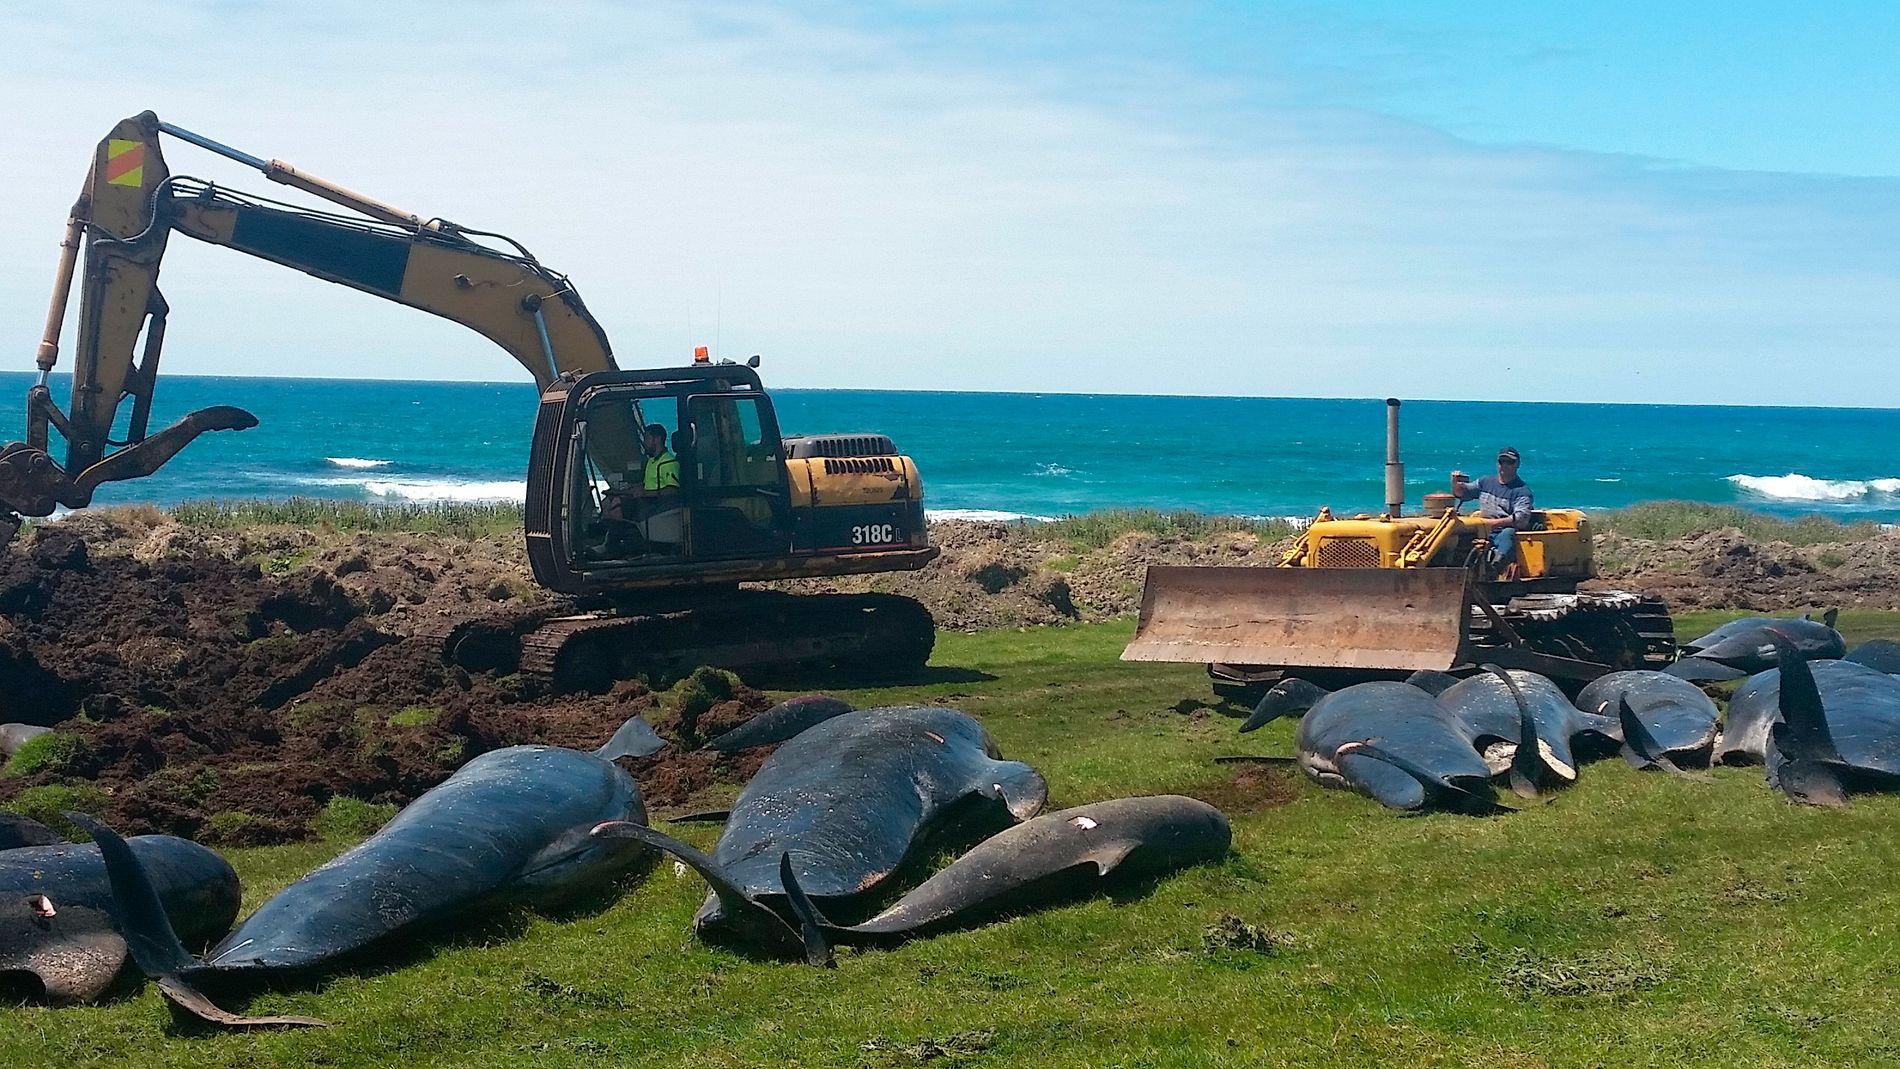 STRANDET: Arbeid med å fjerne de 51 grindhvalene som strandet fredag.